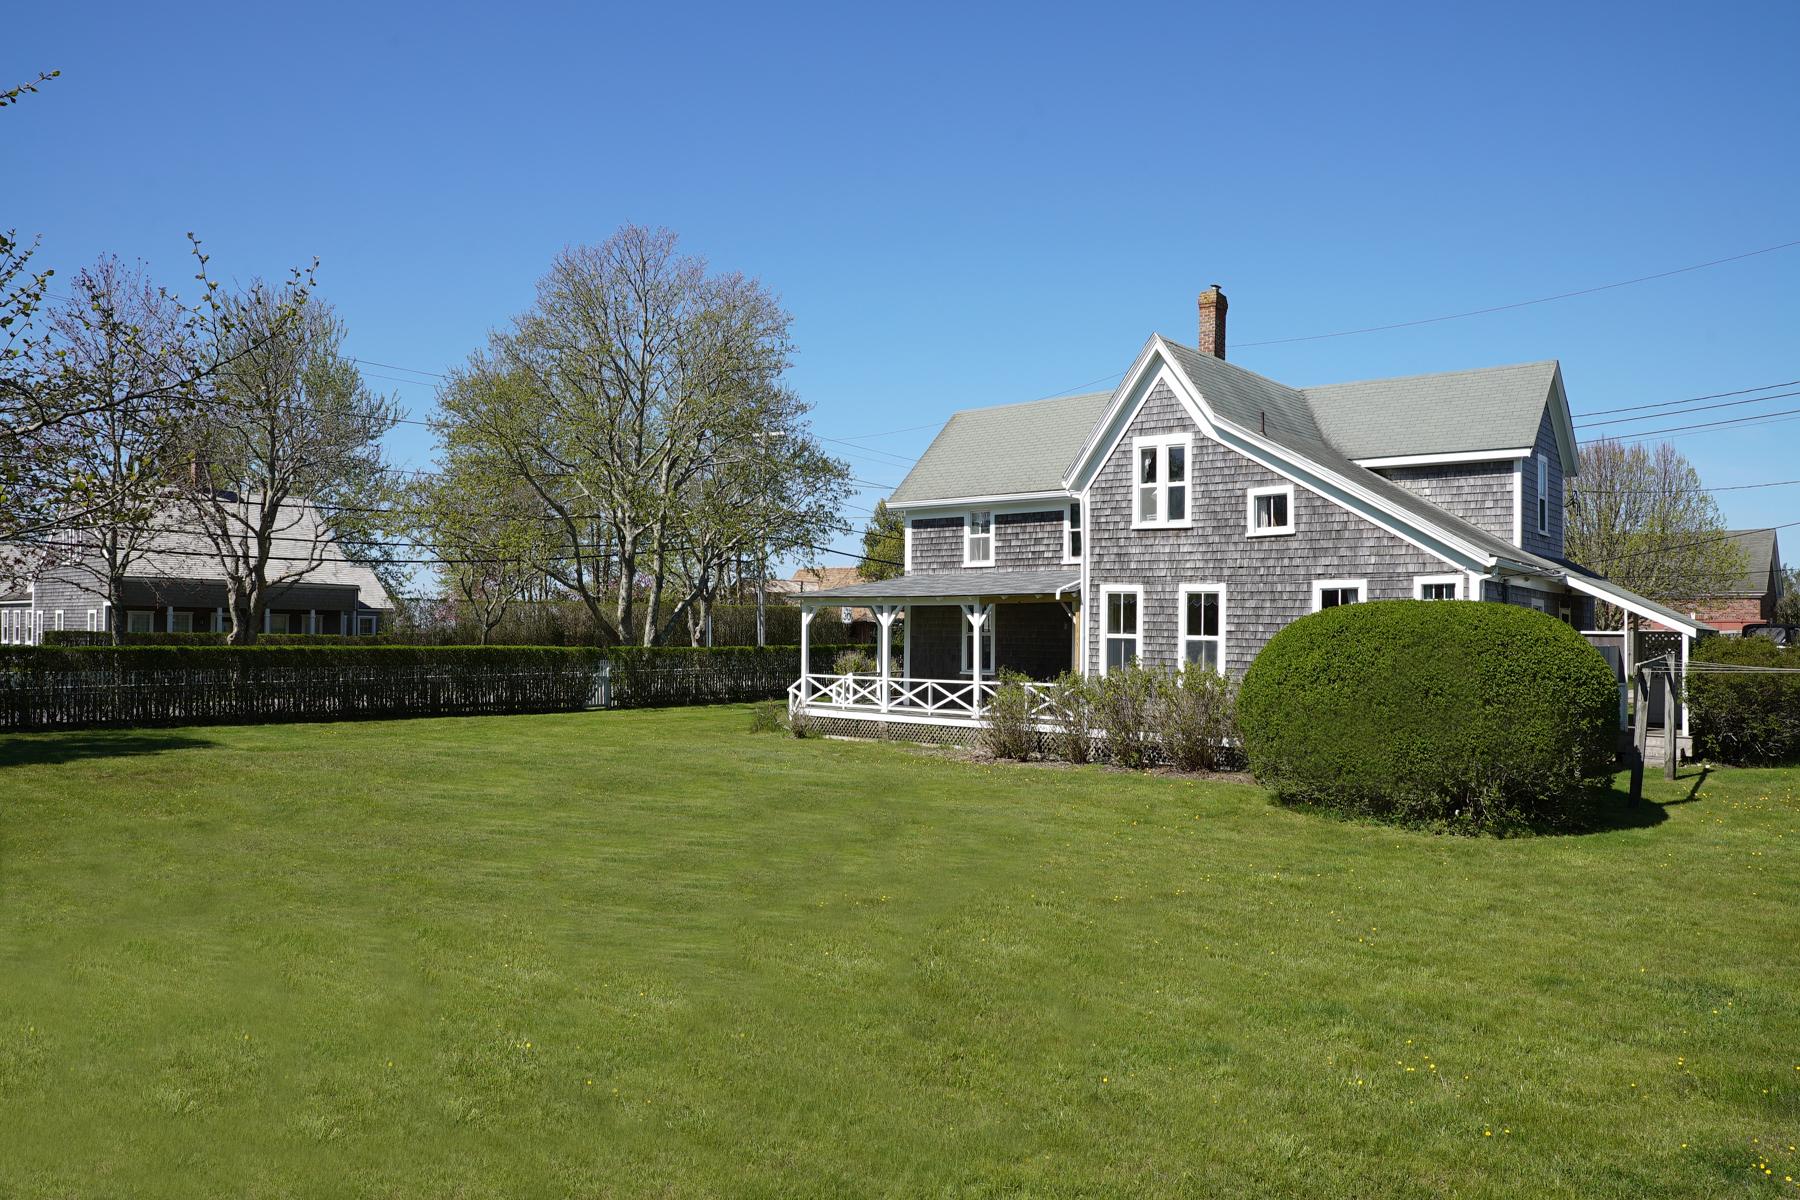 Частный односемейный дом для того Продажа на Top O The Hill 35 MainStreet Siasconset, Массачусетс, 02564 Соединенные Штаты